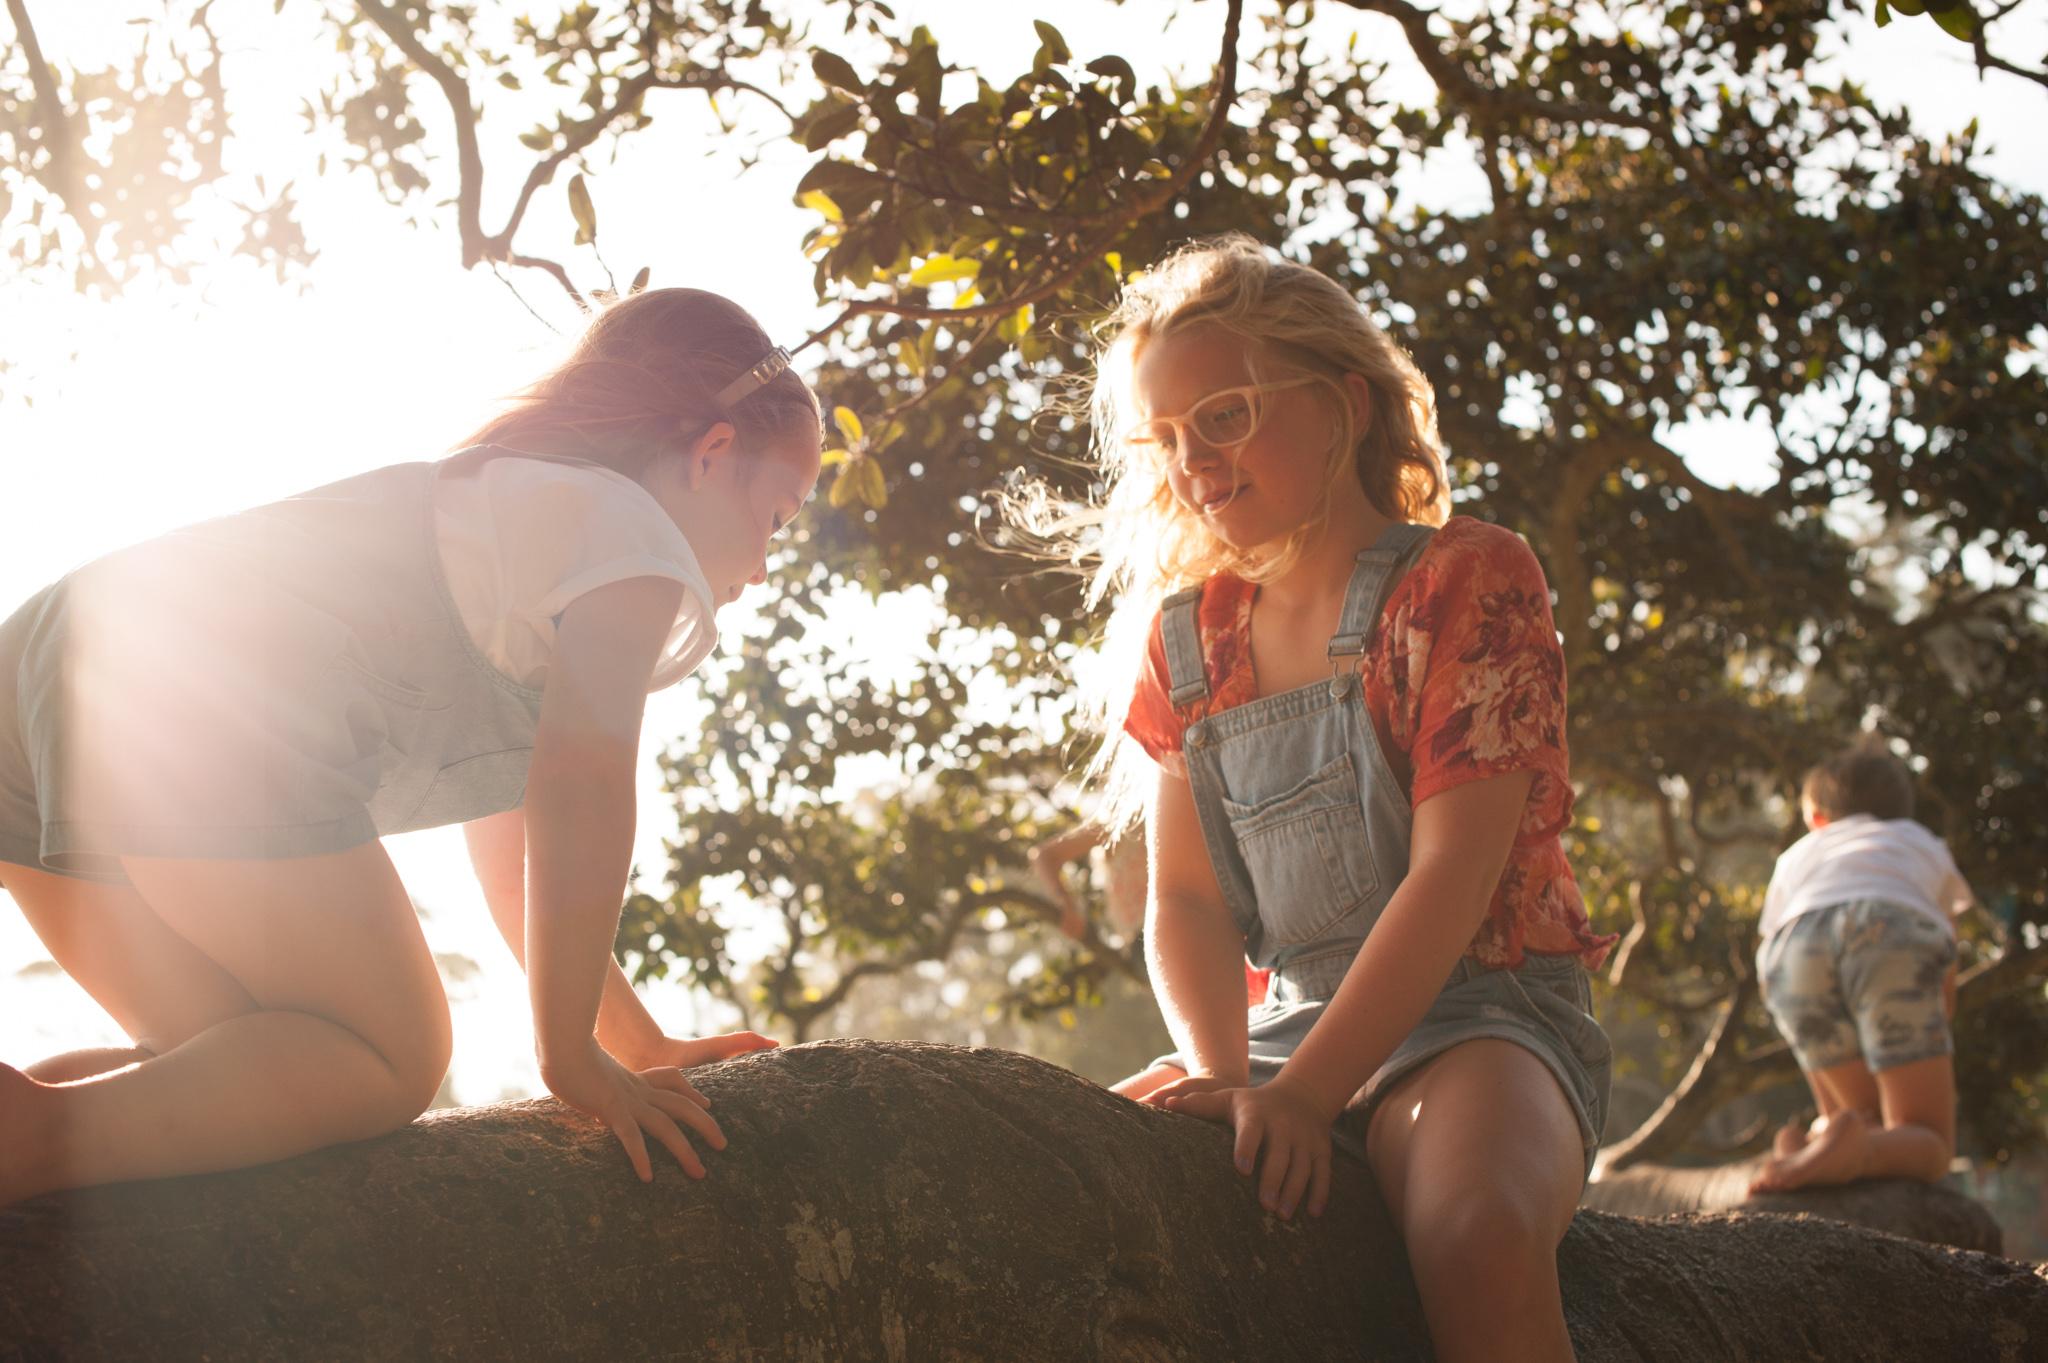 candid kids photo shoot avoca beach nsw